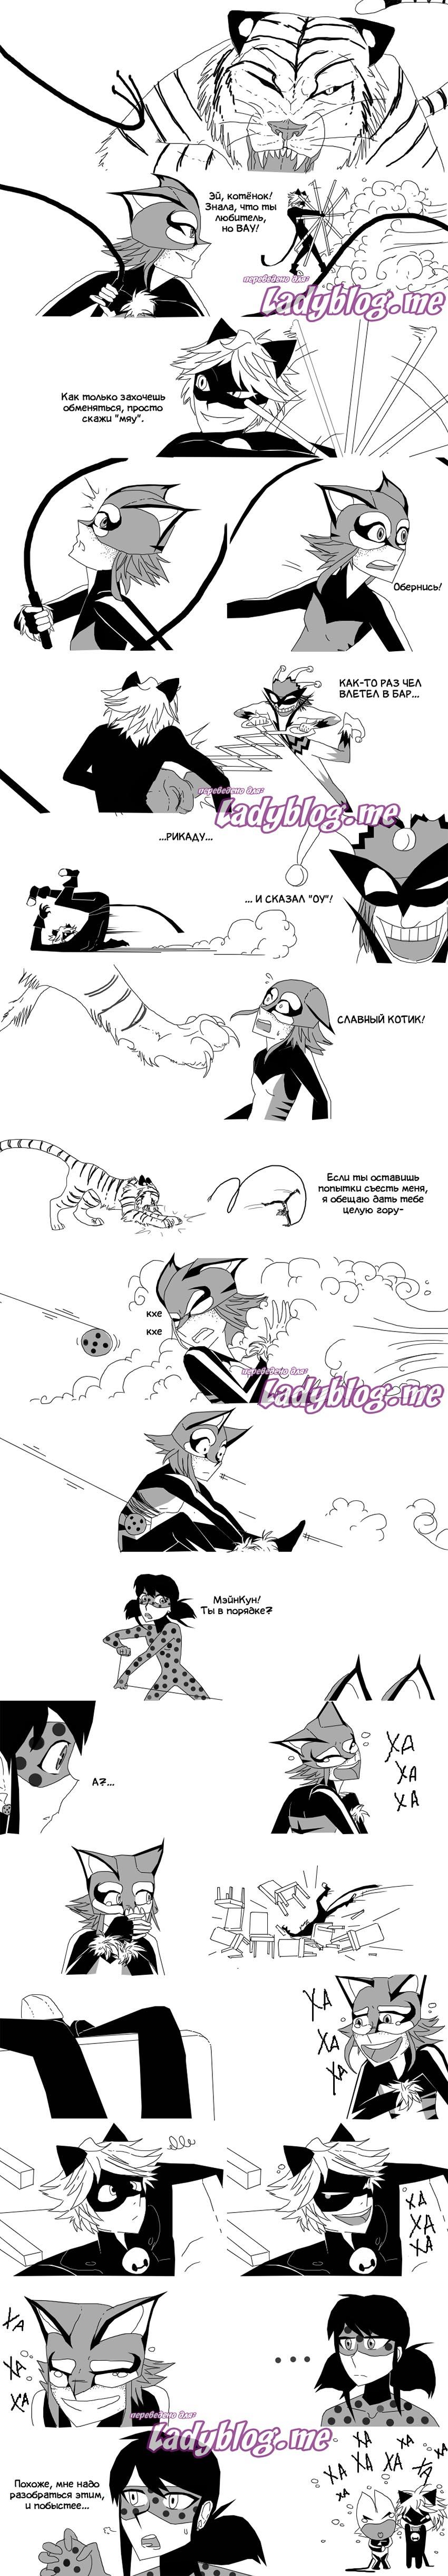 Комикс Леди Баг Азарт Охоты 6-1